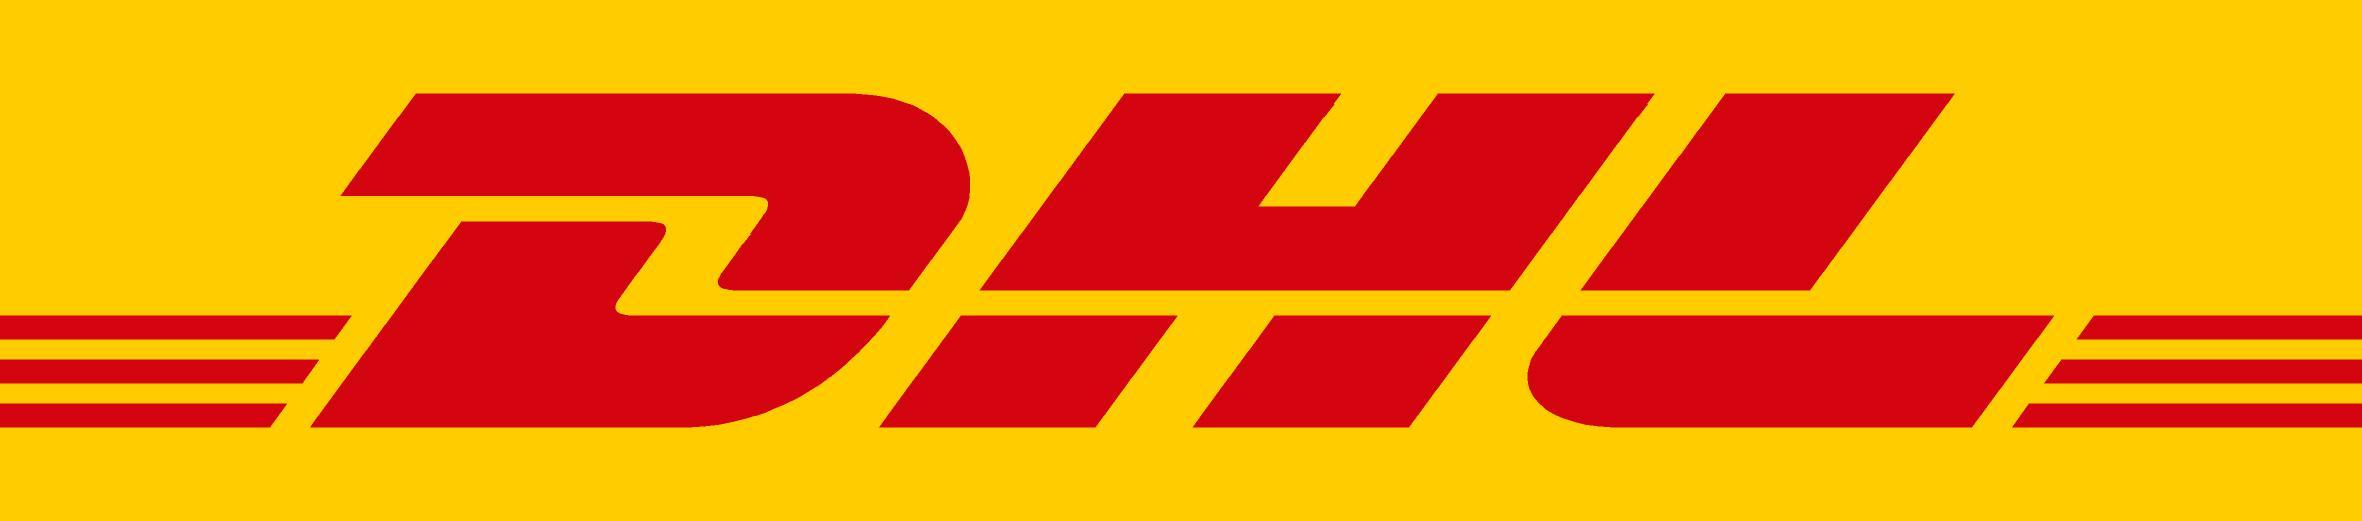 DHL EUROCUP